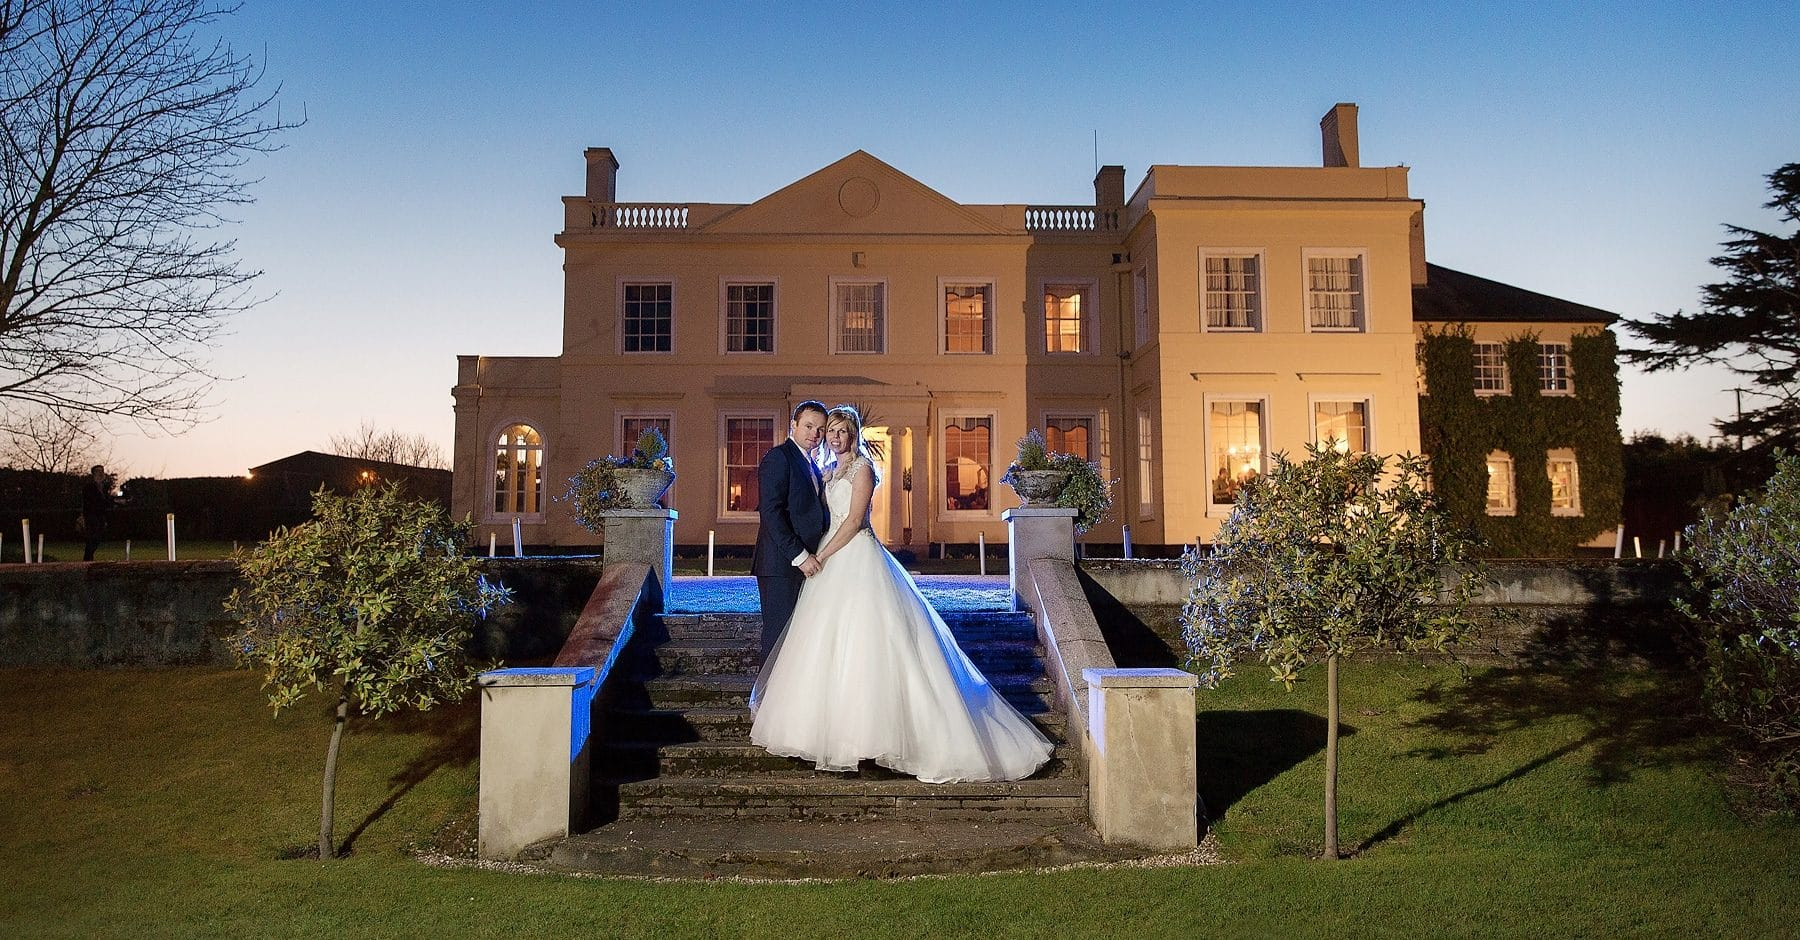 Exclusive Hire Wedding Venue In Essex